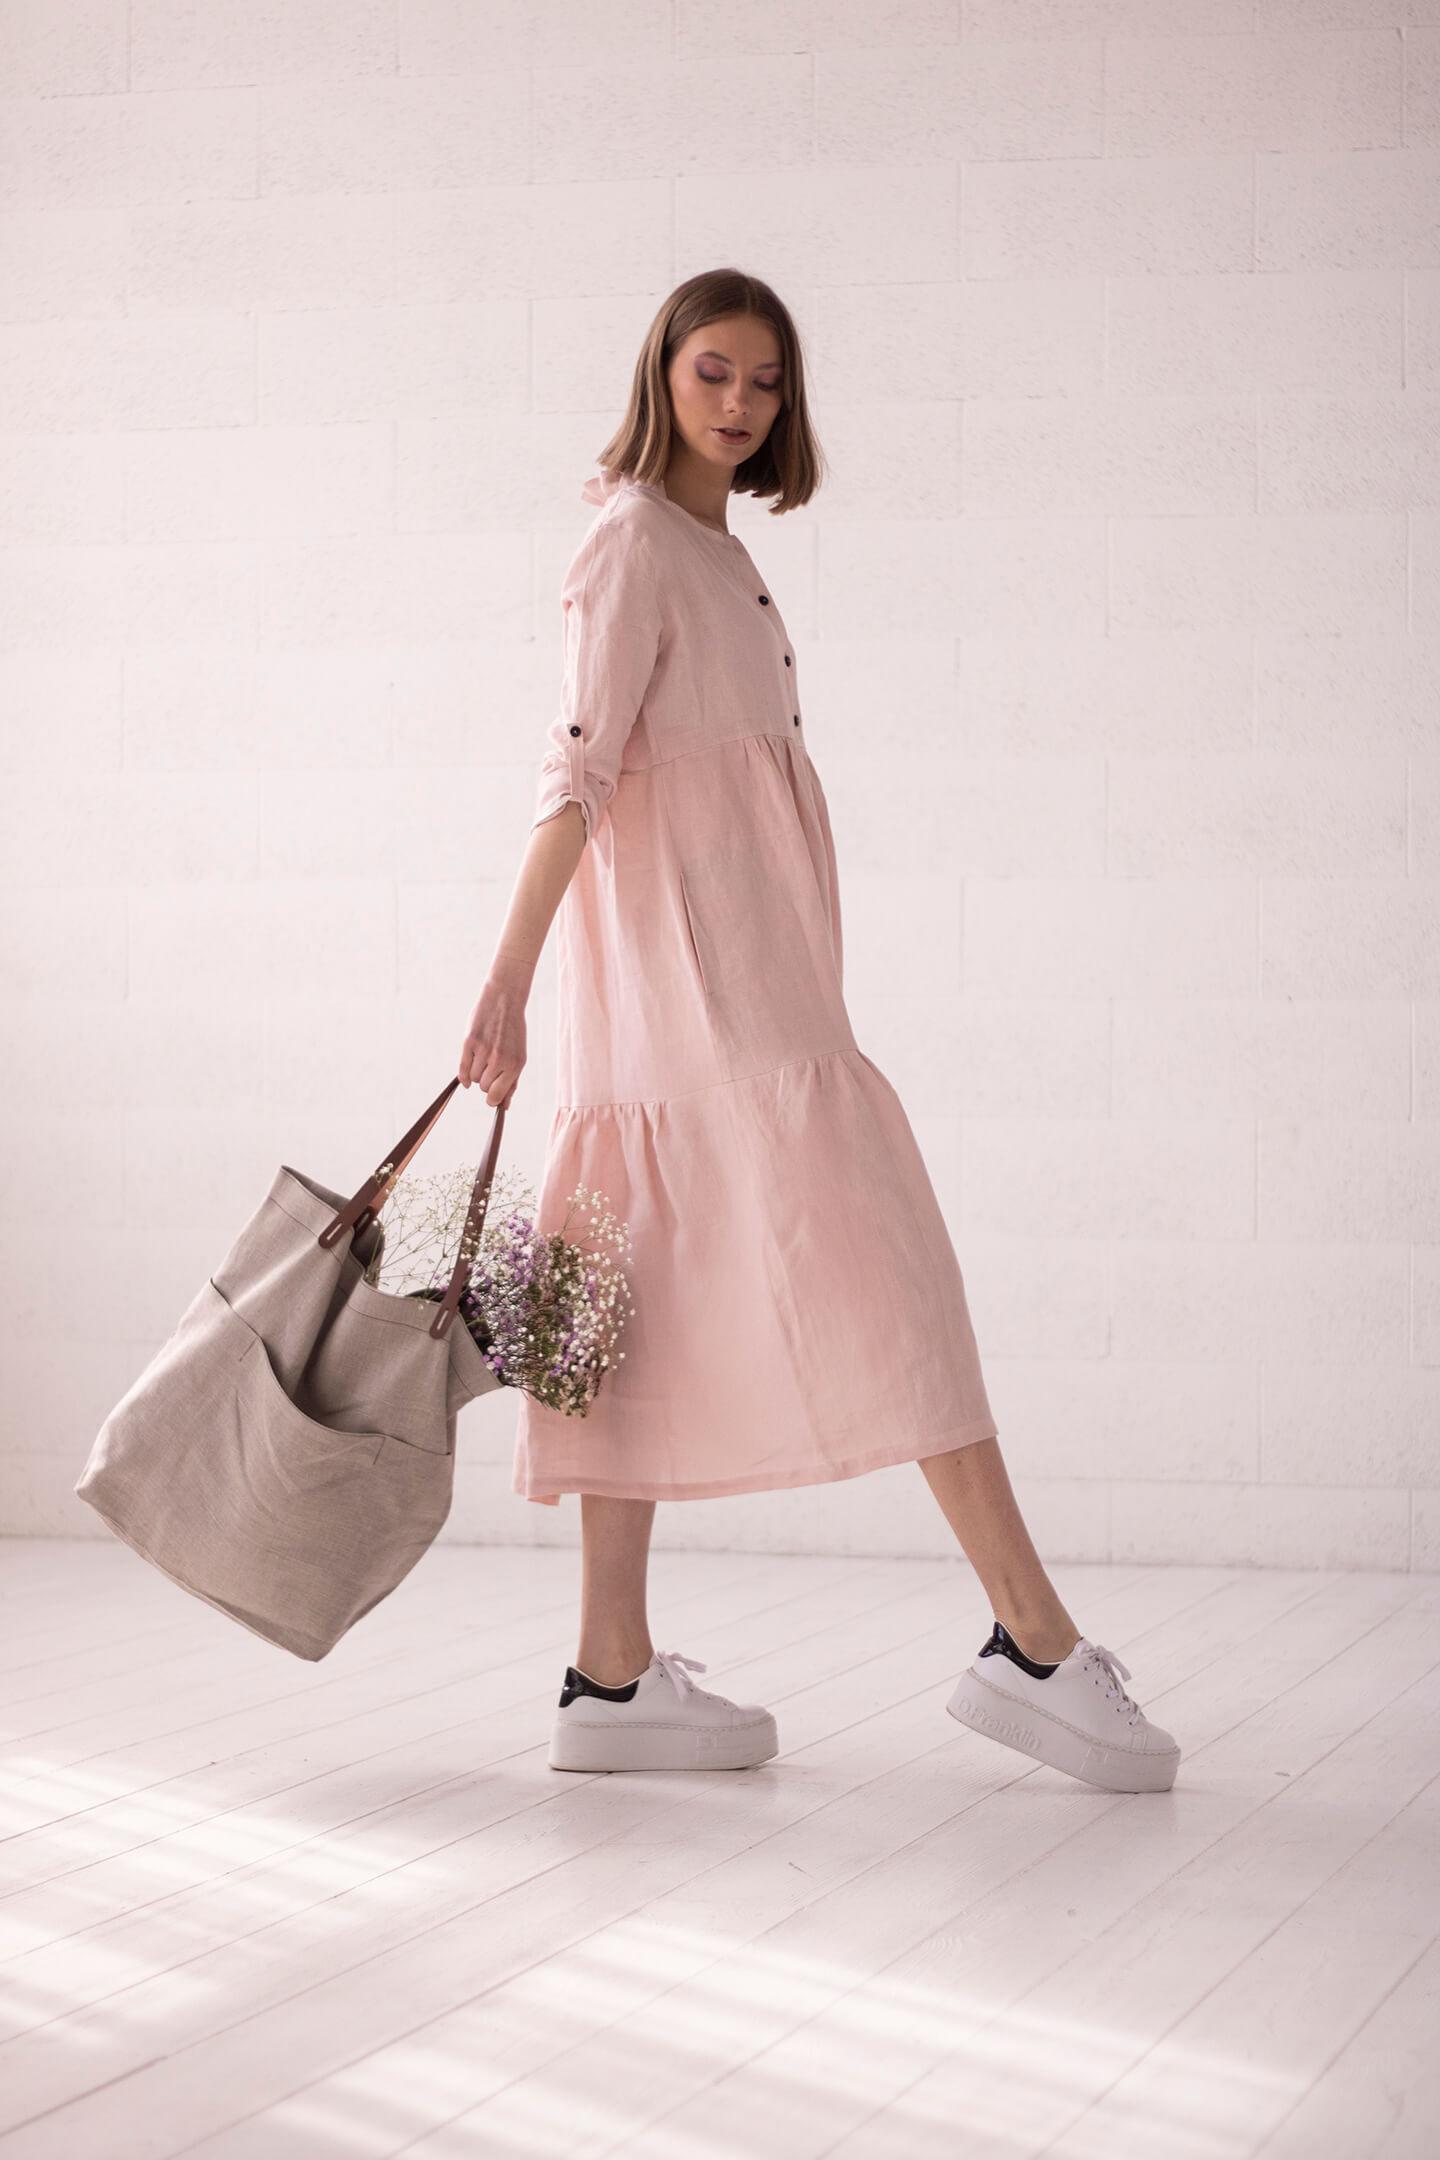 Rausva lininė suknelė ir lininis krepšys